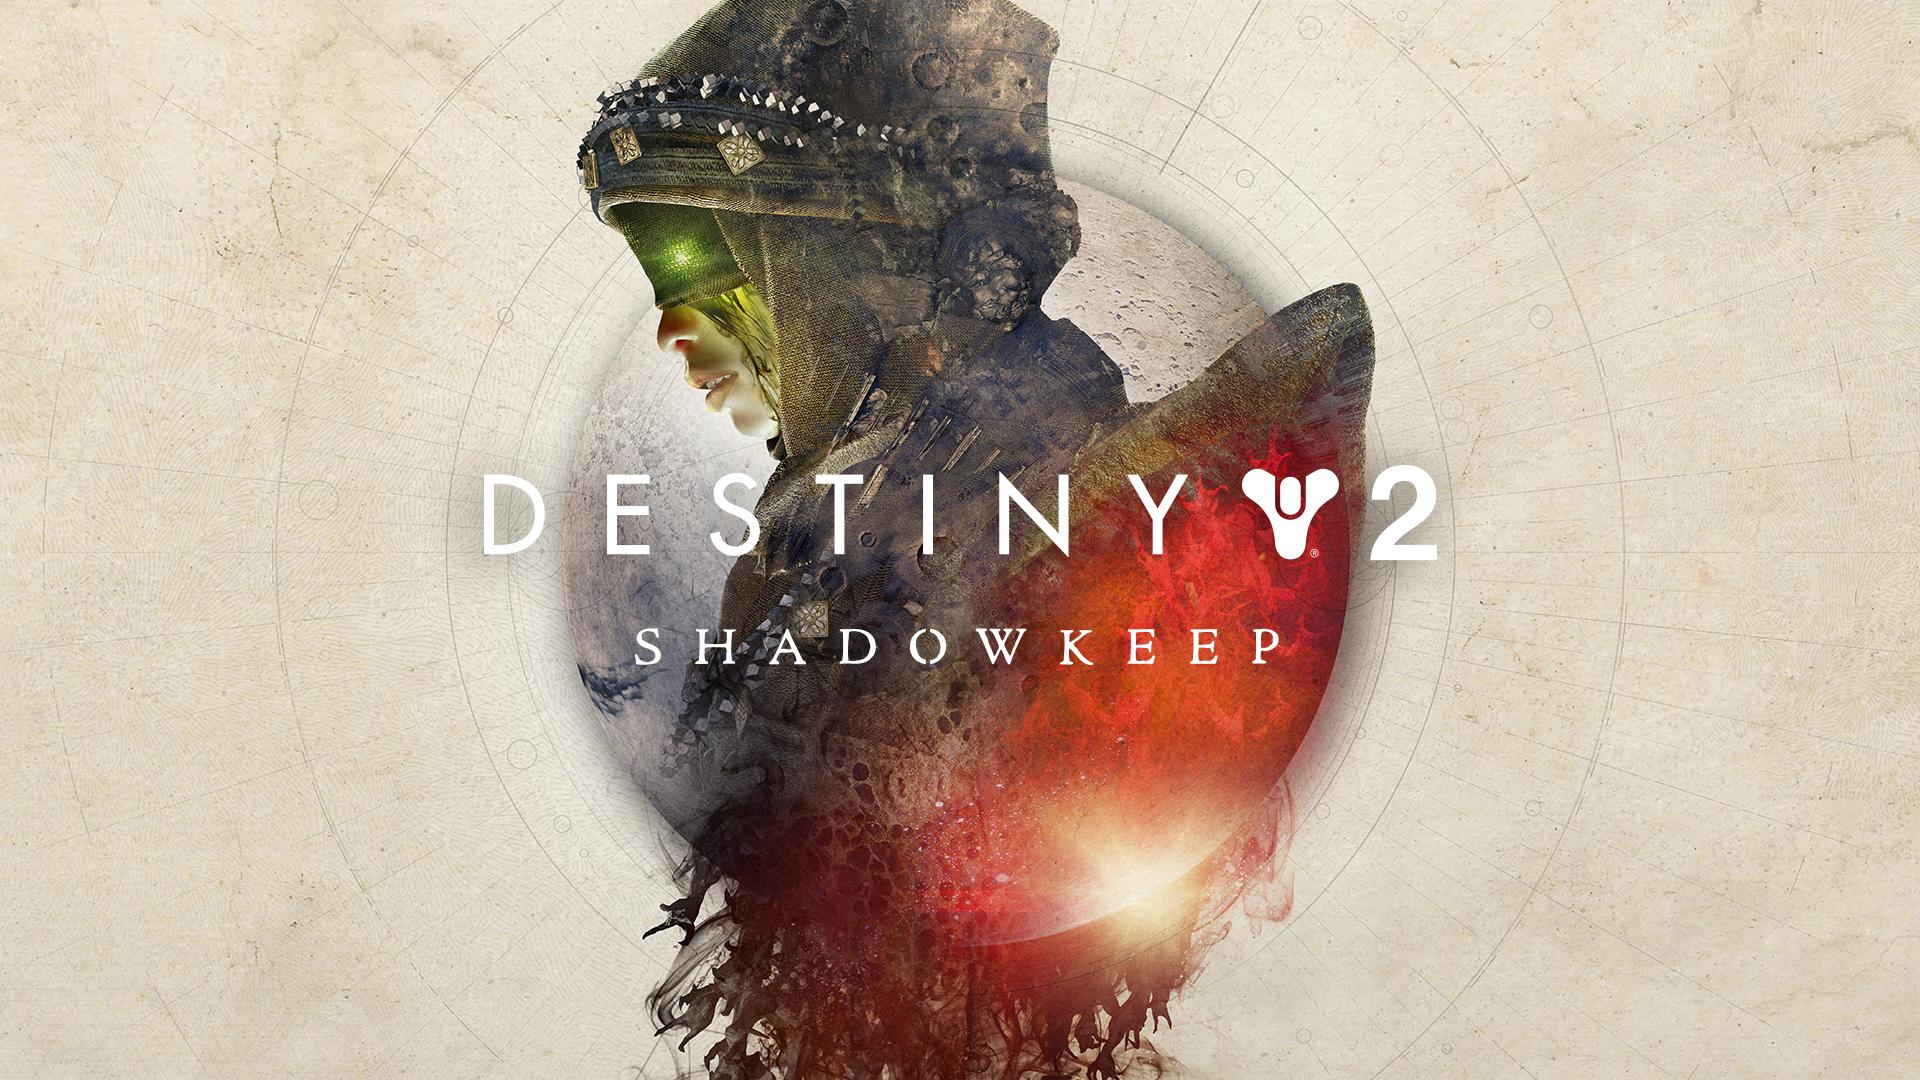 Shadowkeep_keyart_1920x1080.jpg